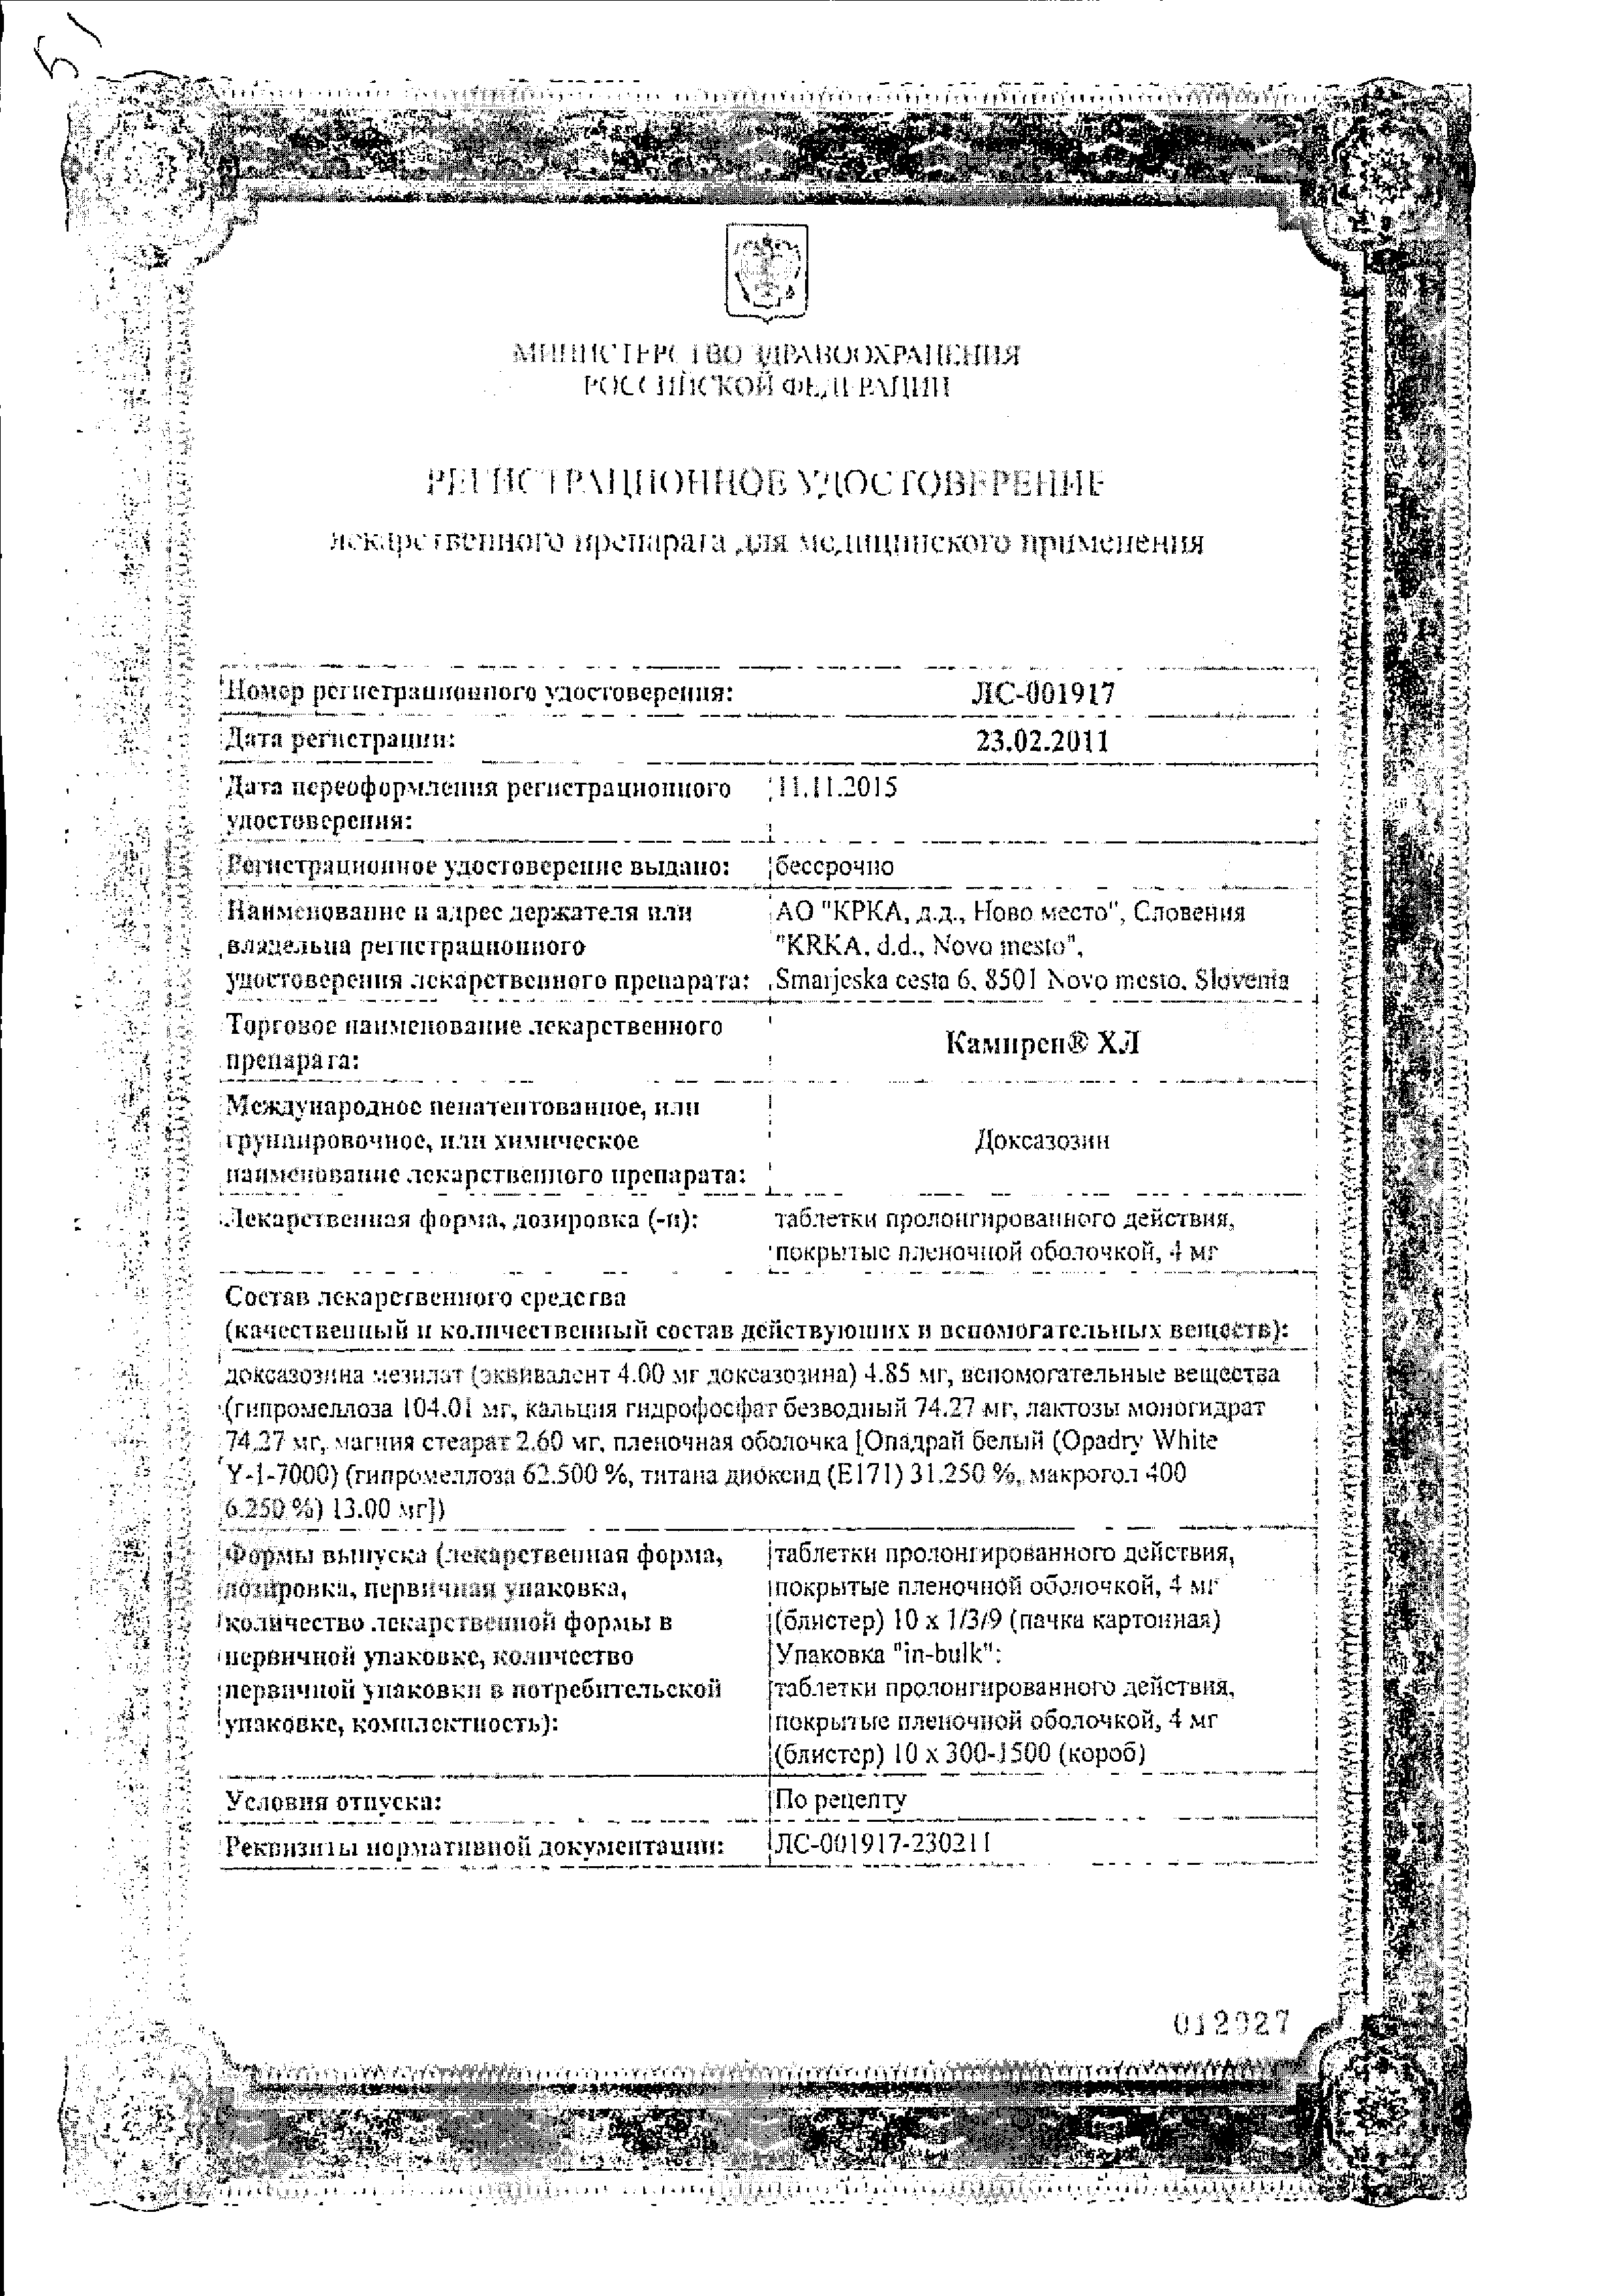 Камирен сертификат